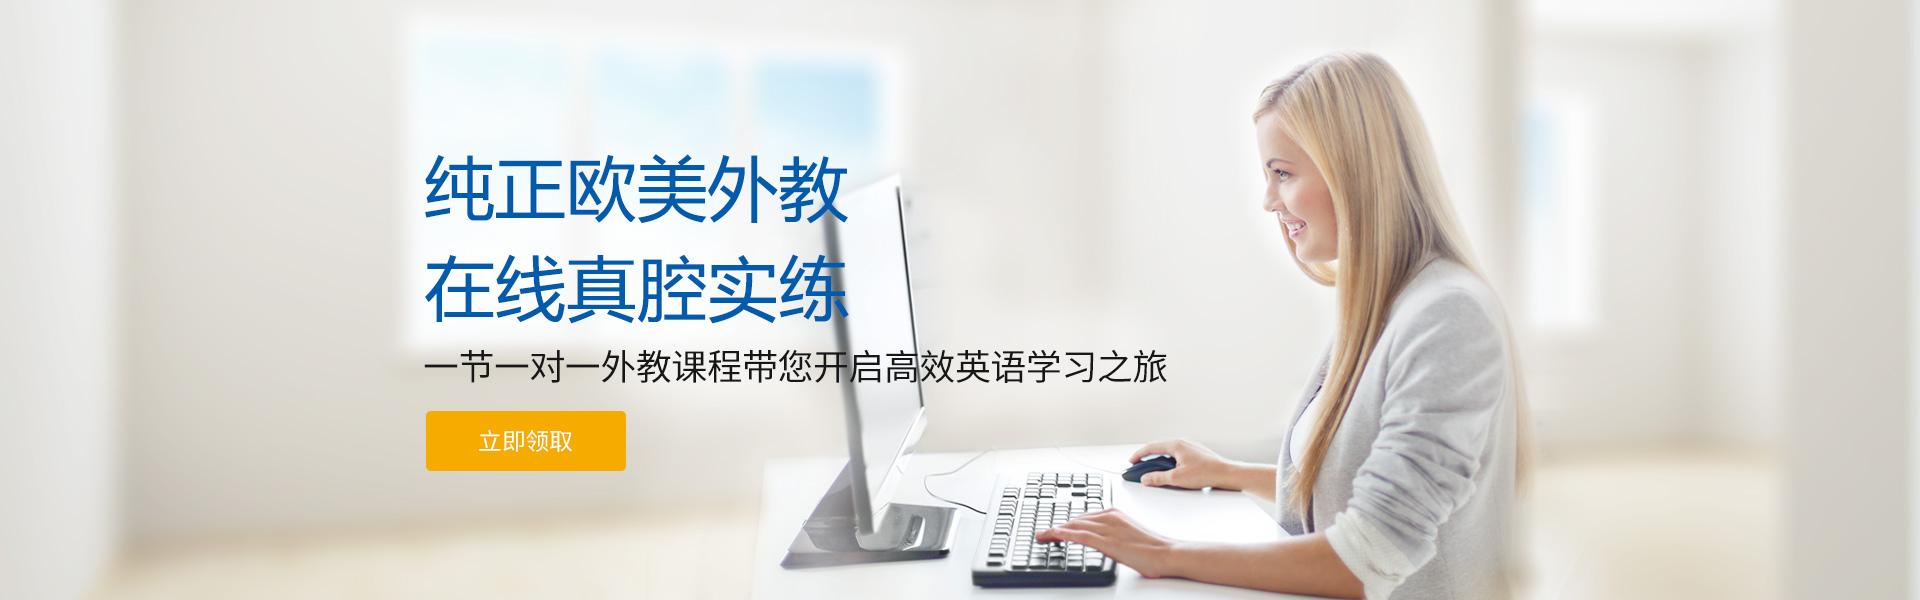 上海张江韦博英语